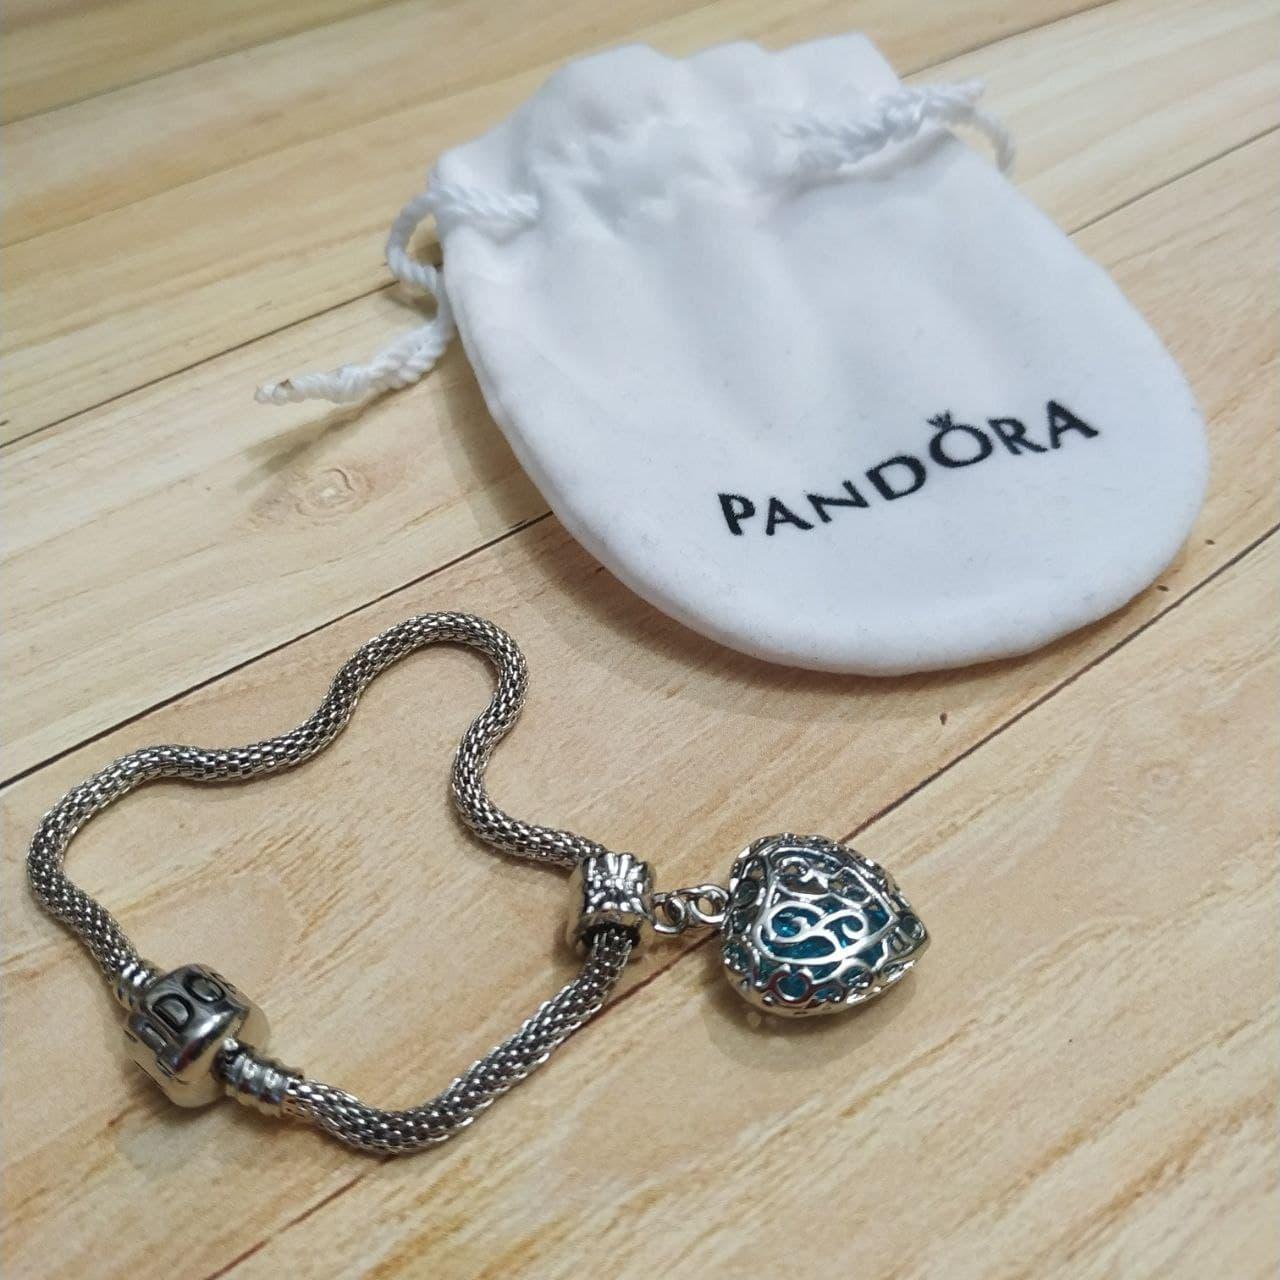 Стильный женский браслет в стиле Pandora